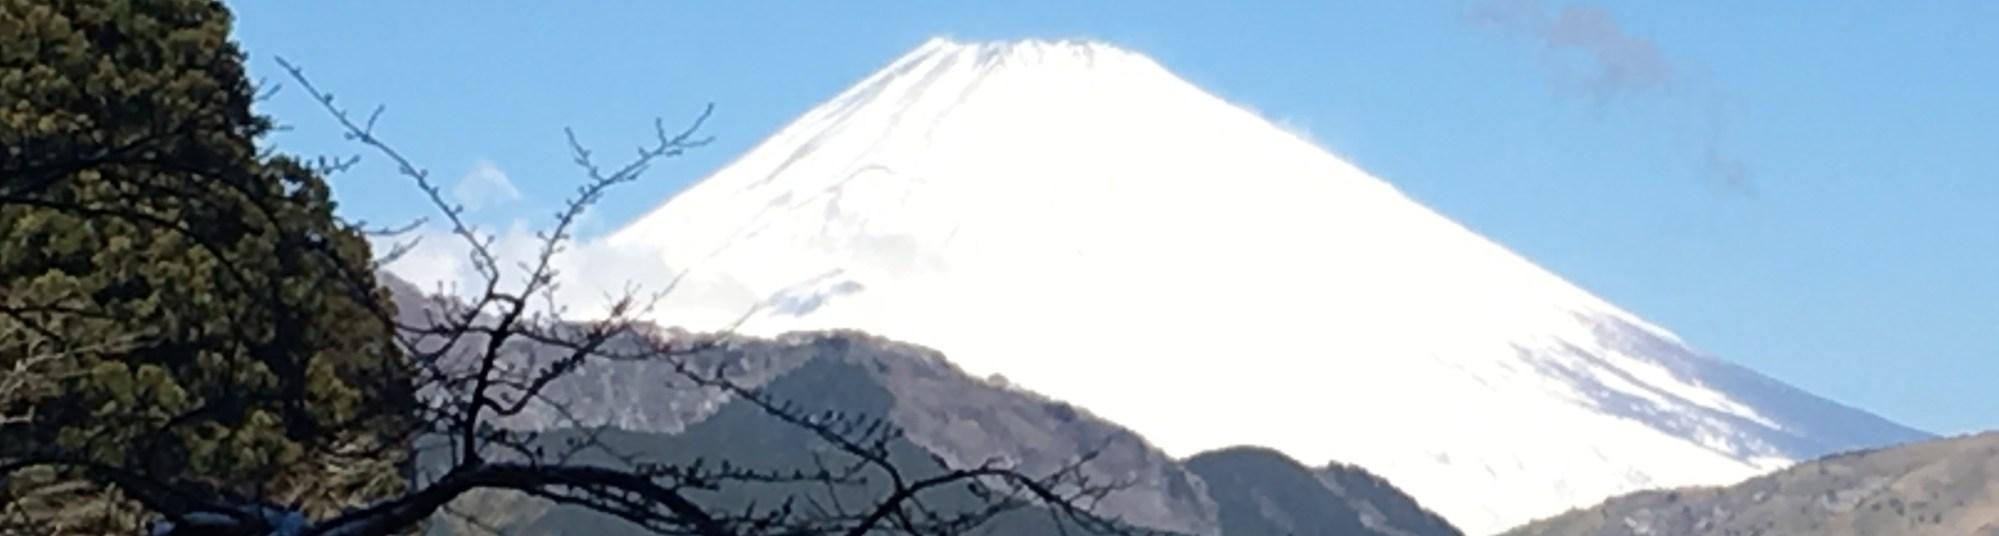 Fuji from Cedar Avenue Lake Ashinoko